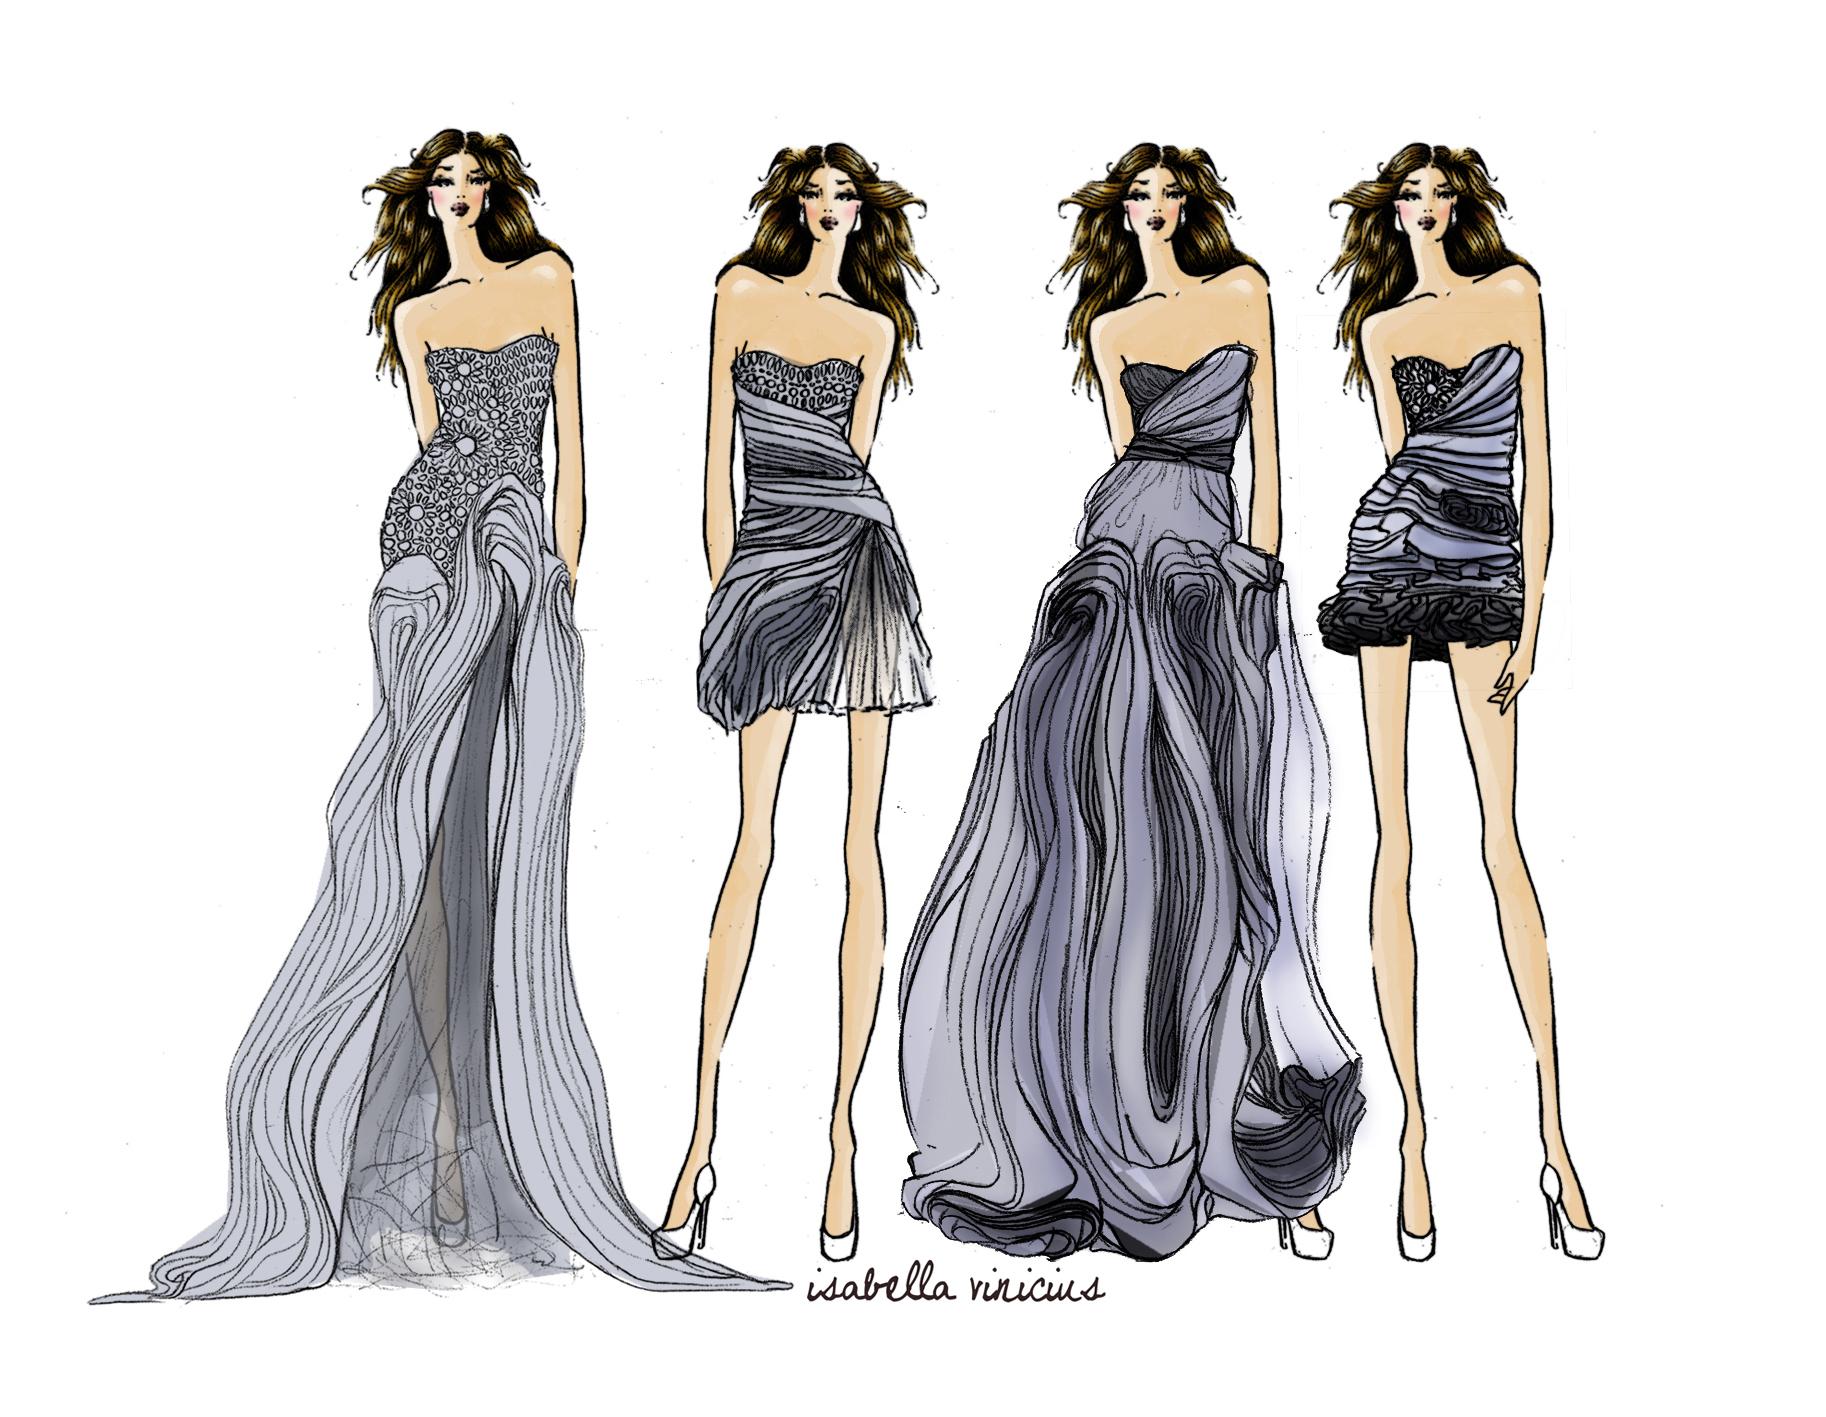 My Stylist Work Introducing Fashion Designer Isabella Vinicius